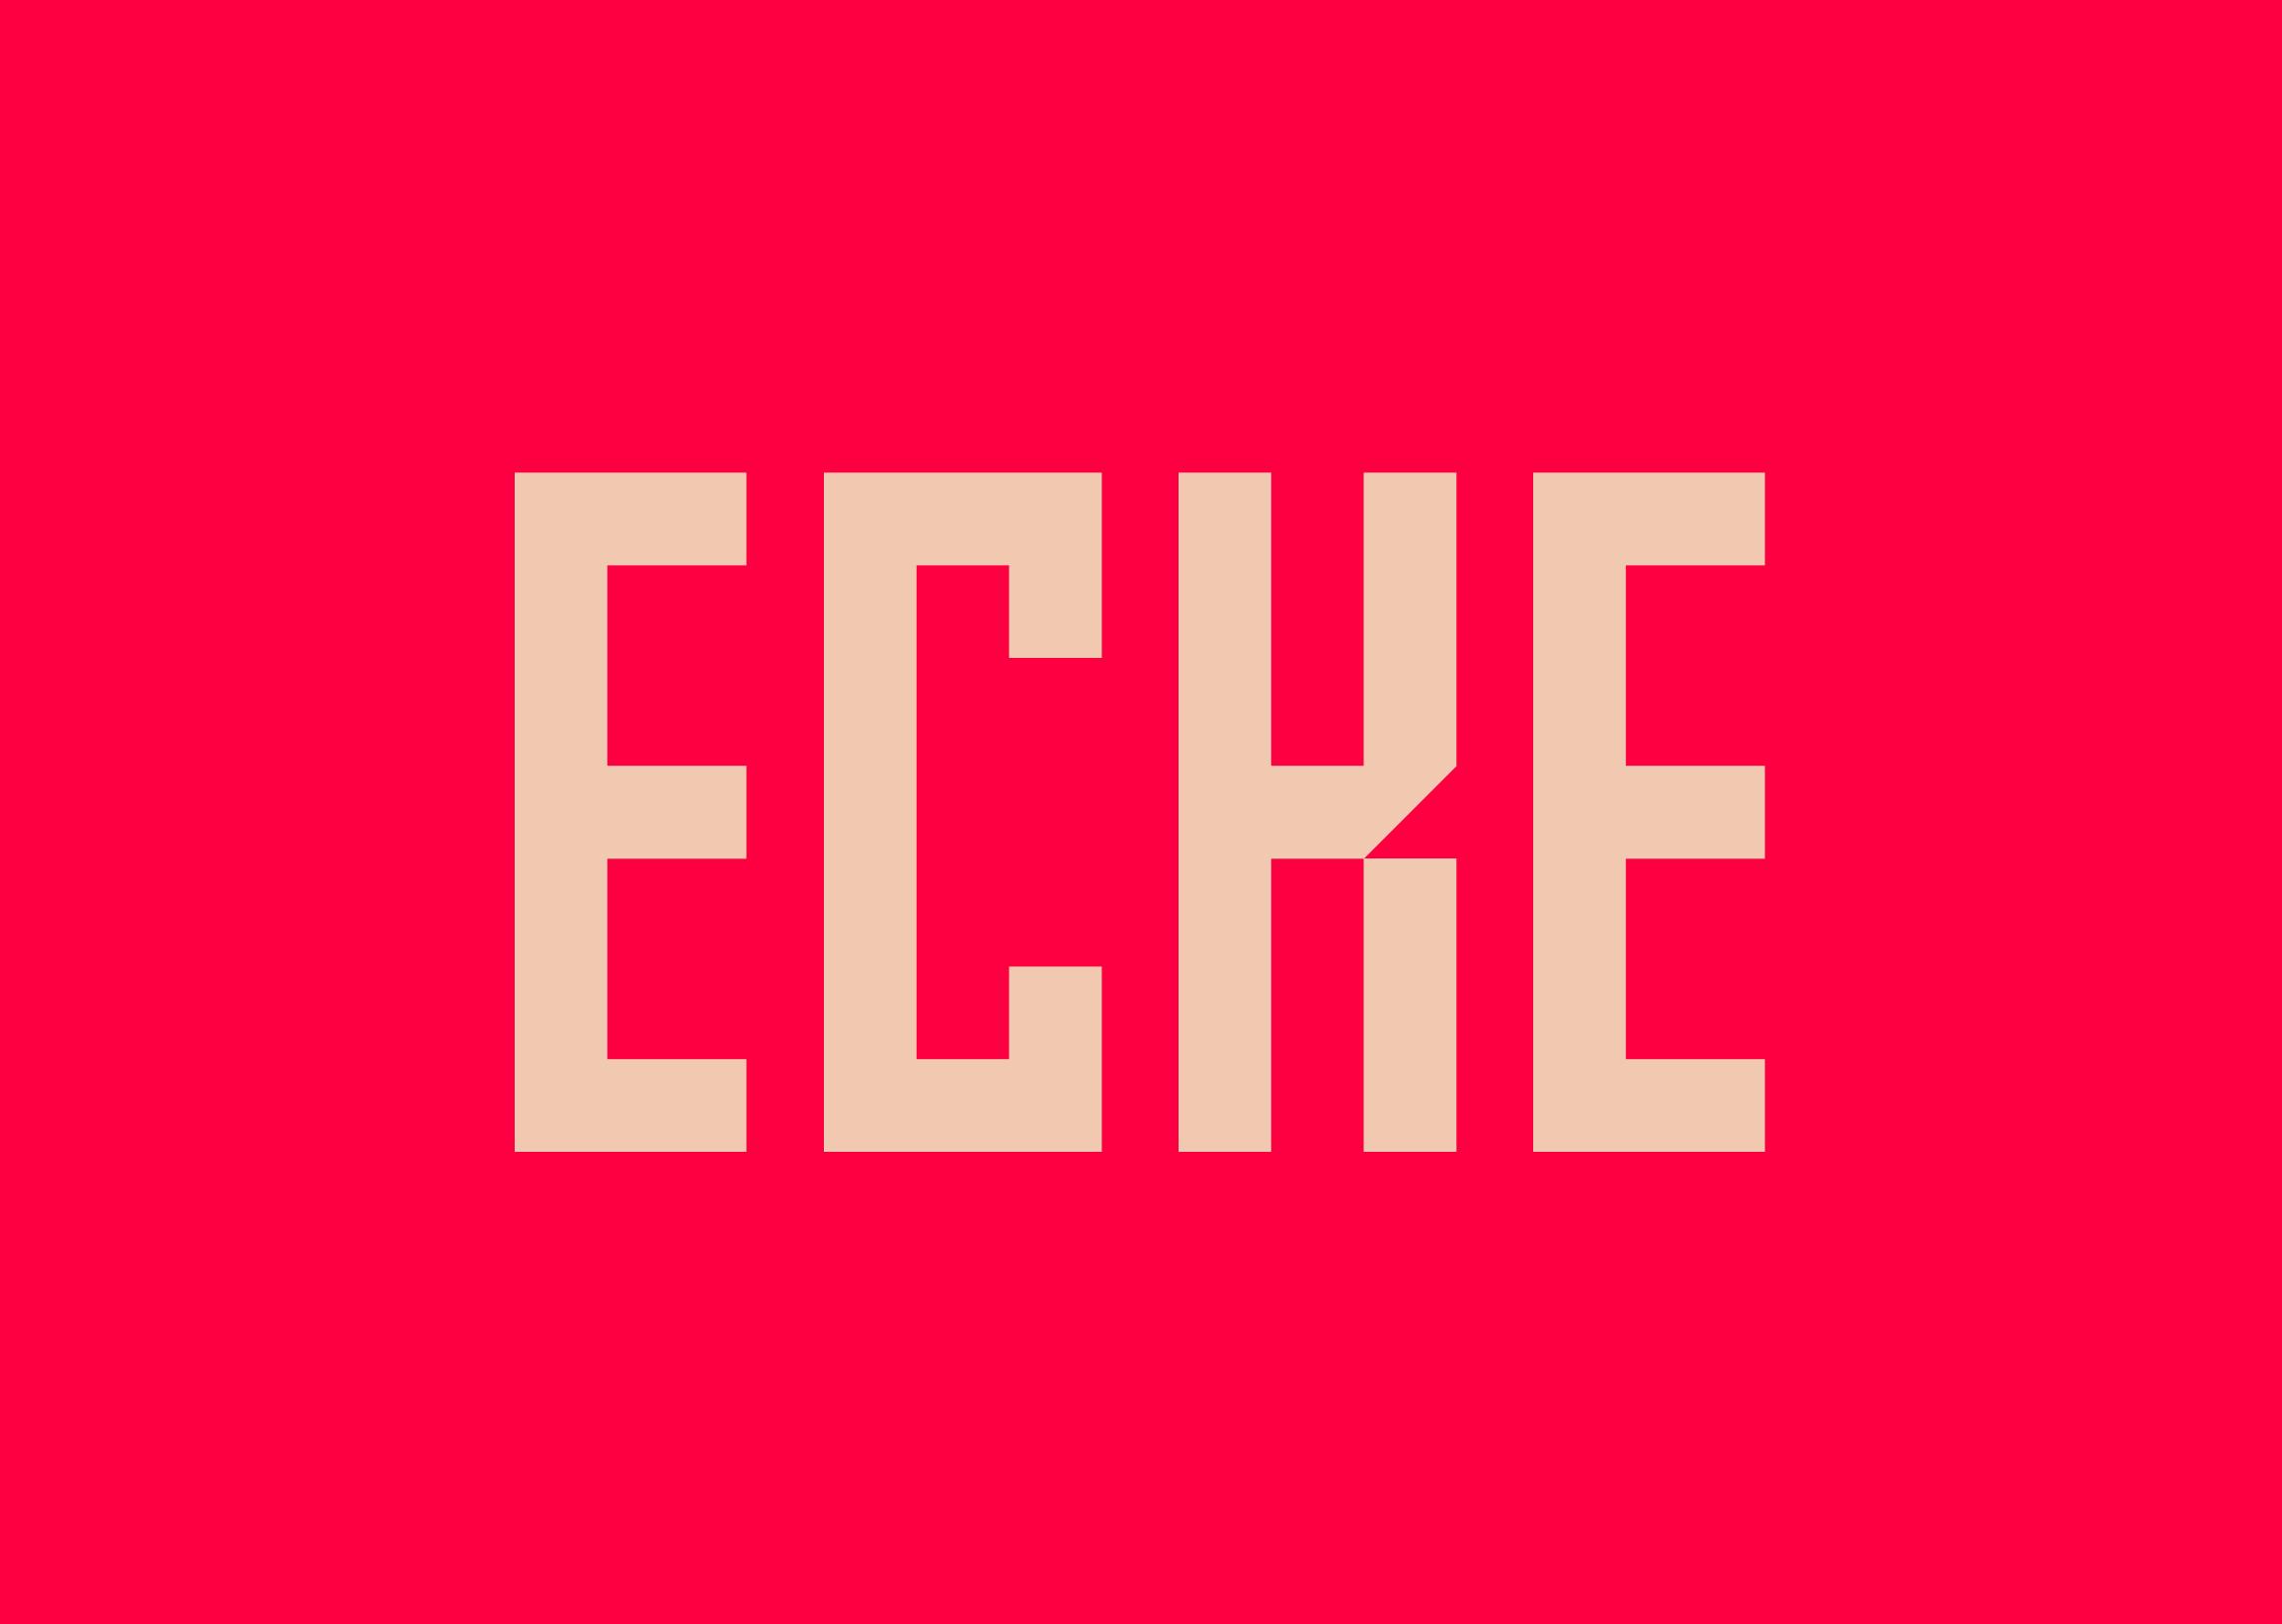 ECKE SPECIMEN DE01.png